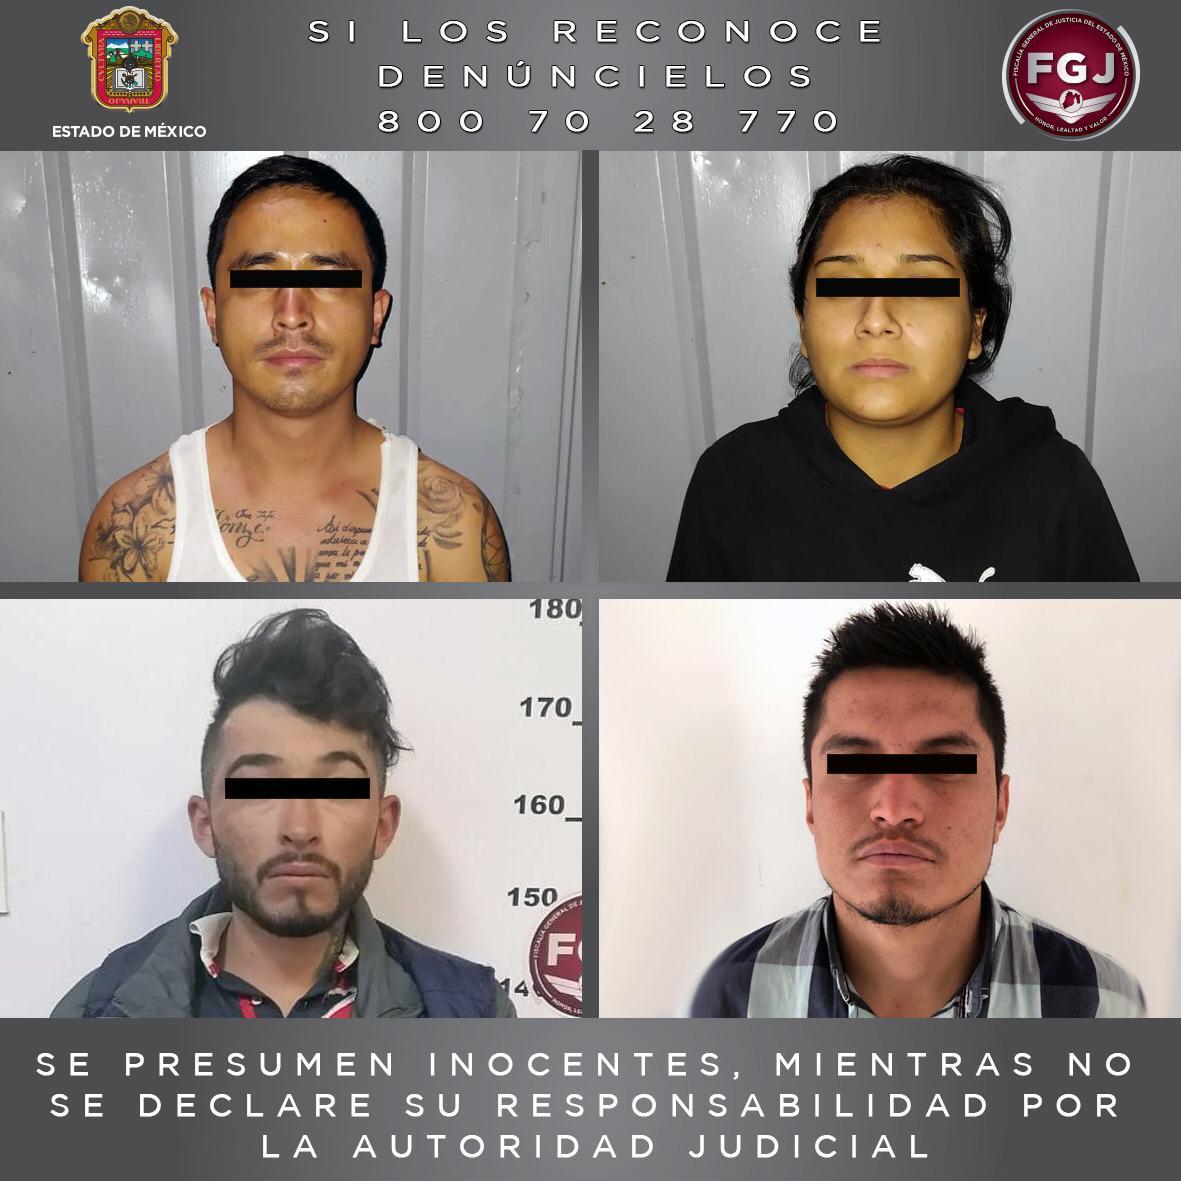 PROCESAN A CUATRO PERSONAS INVOLUCRADAS EN EL ROBO DE VEHÍCULO CON VIOLENCIA